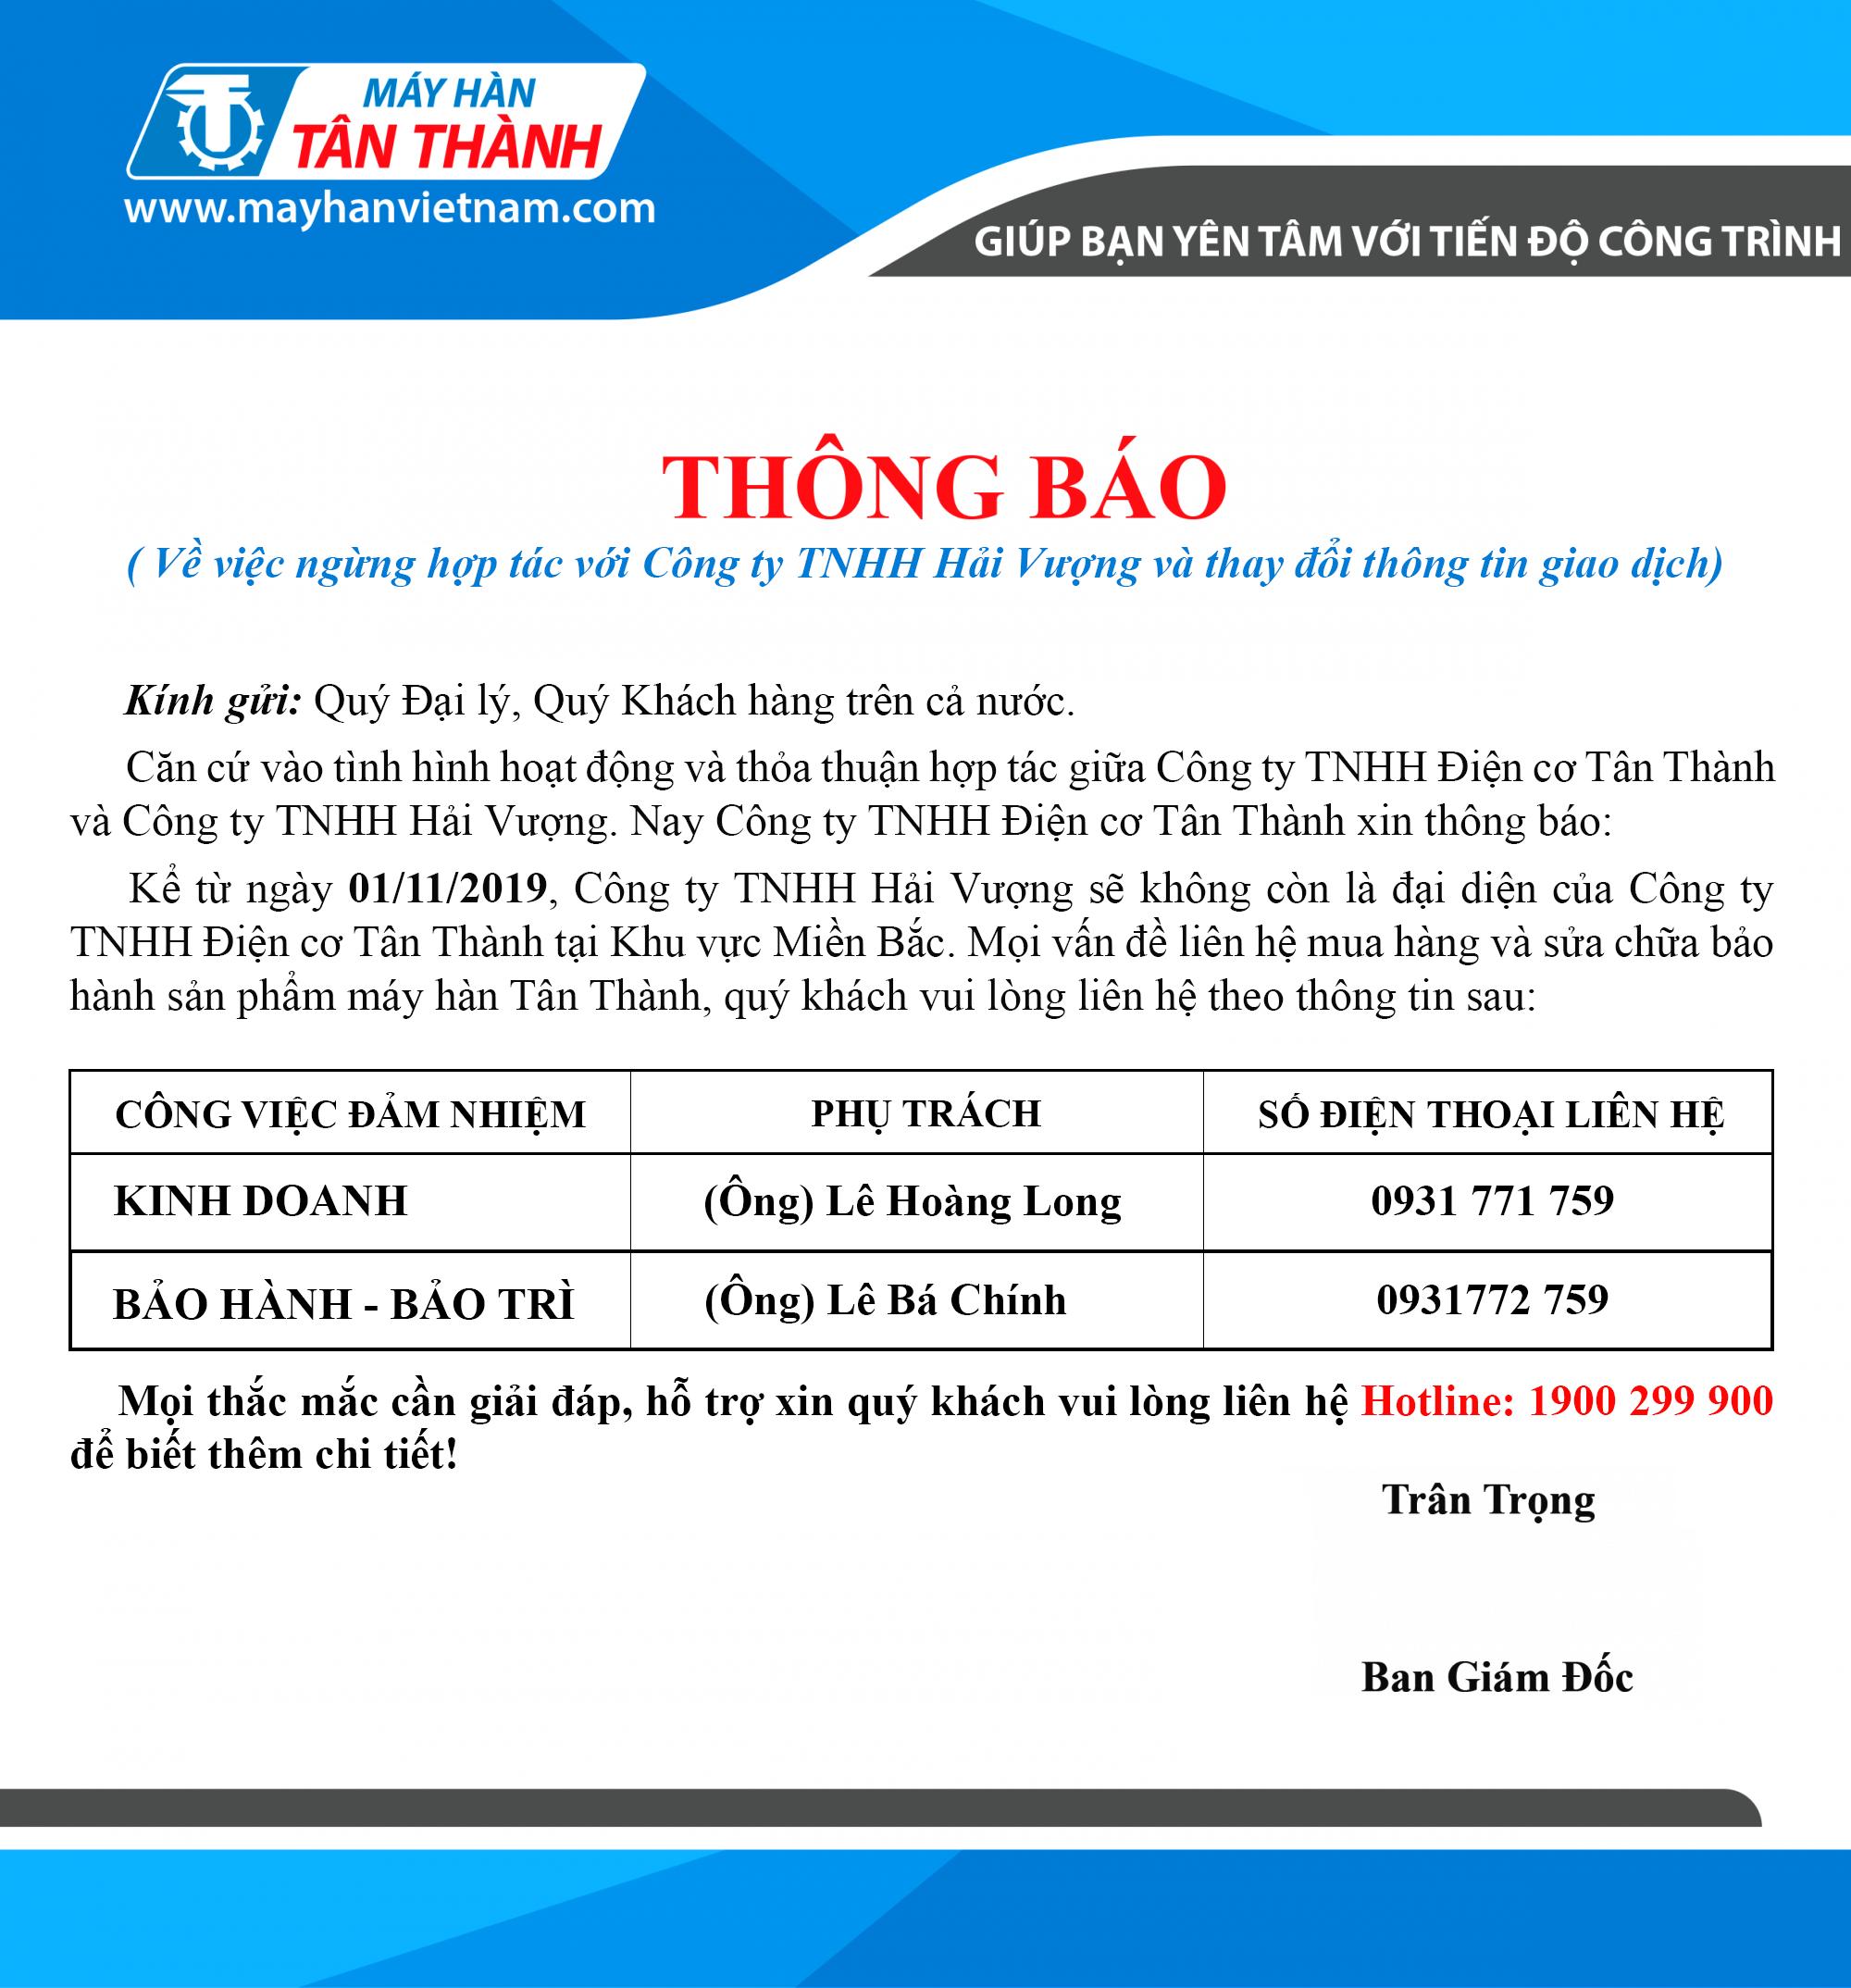 thong_bao_cham_dut_hop_dong_dai_ly_hai_vuong